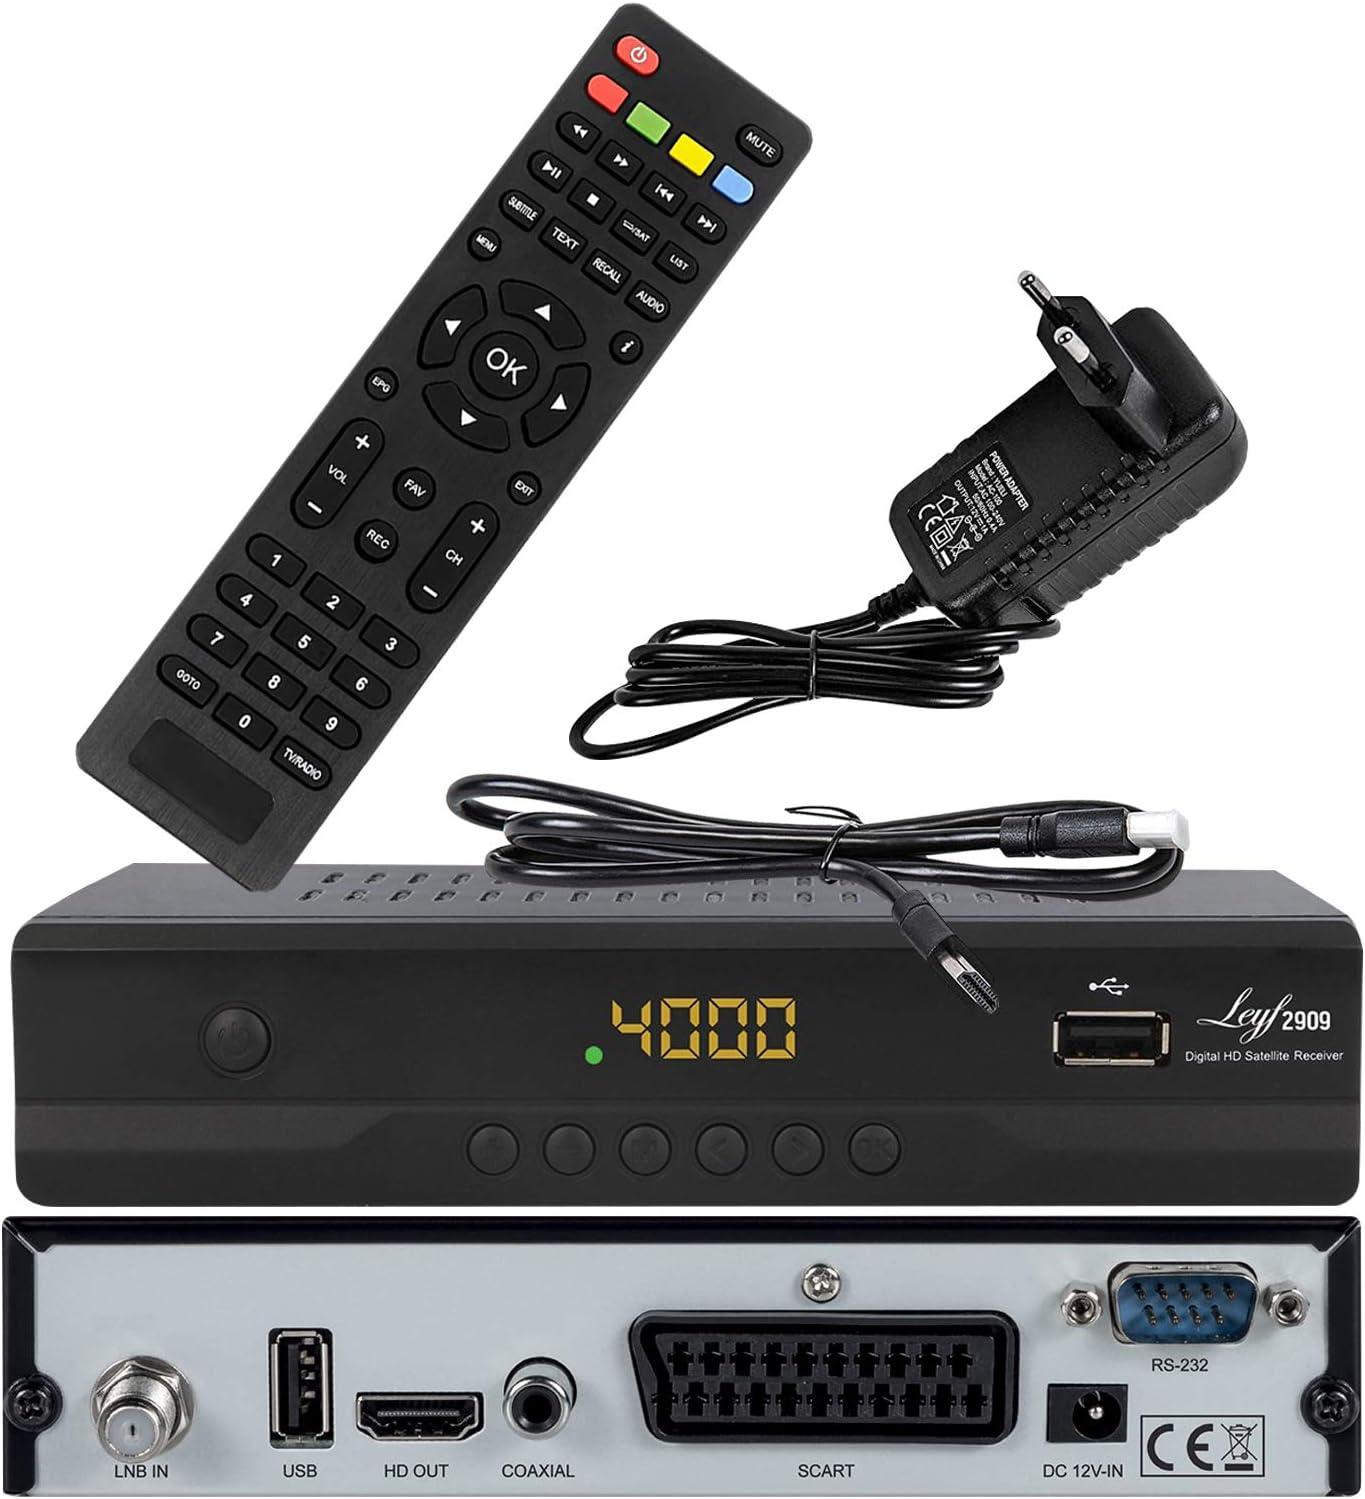 Leyf 2909 New Model - Receptor de satélite digital (HDTV, DVB-S/DVB-S2, HDMI, SCART, 2 puertos USB, Full HD 1080p) [preprogramado para Astra, Hotbird ...